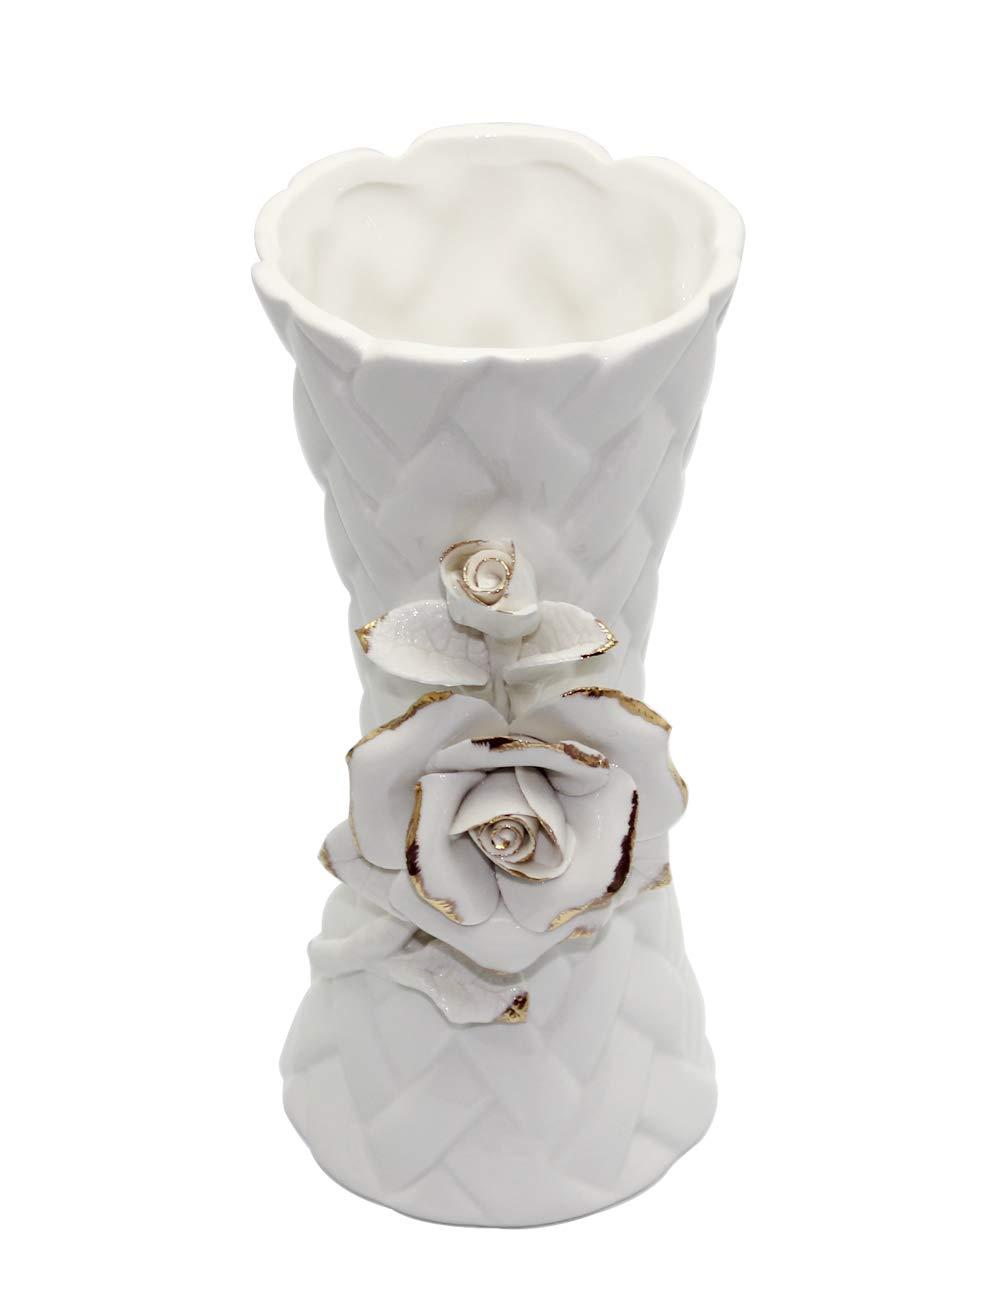 QPURP White Flower Vase Ideal Gift for Weddings, Party, Home,Ceramic 7.75''